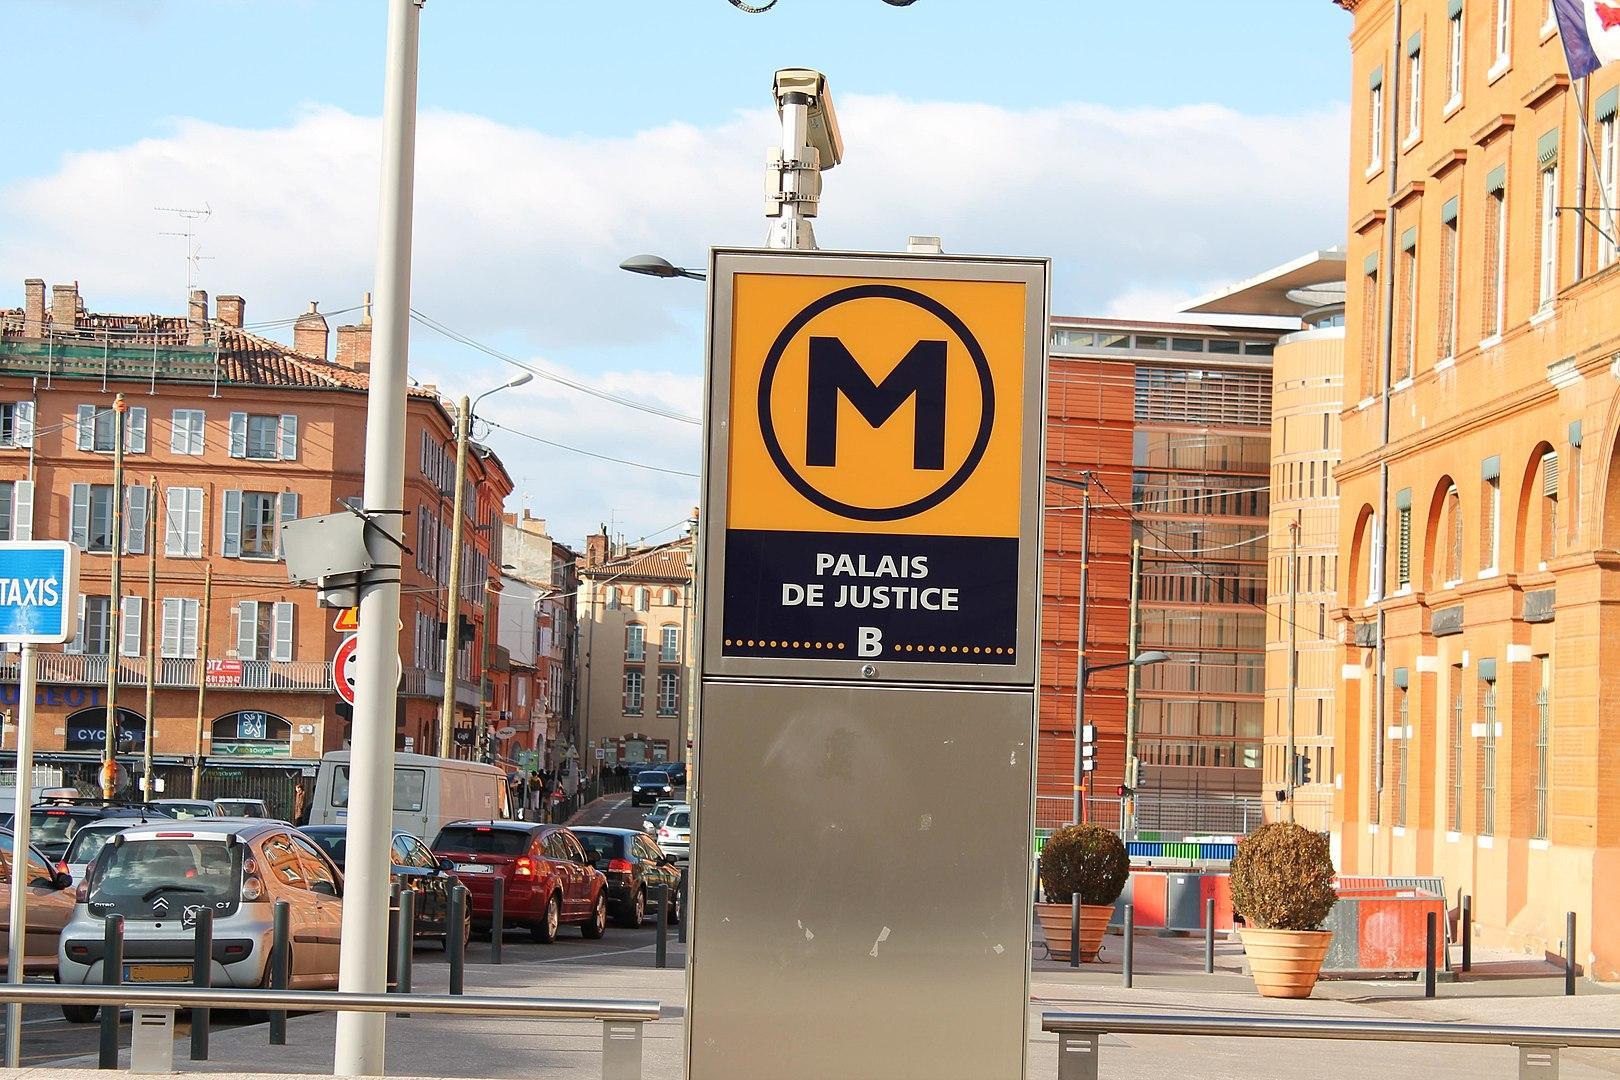 Coronavirus, nouvelle modalité d'accès au métro à Toulouse